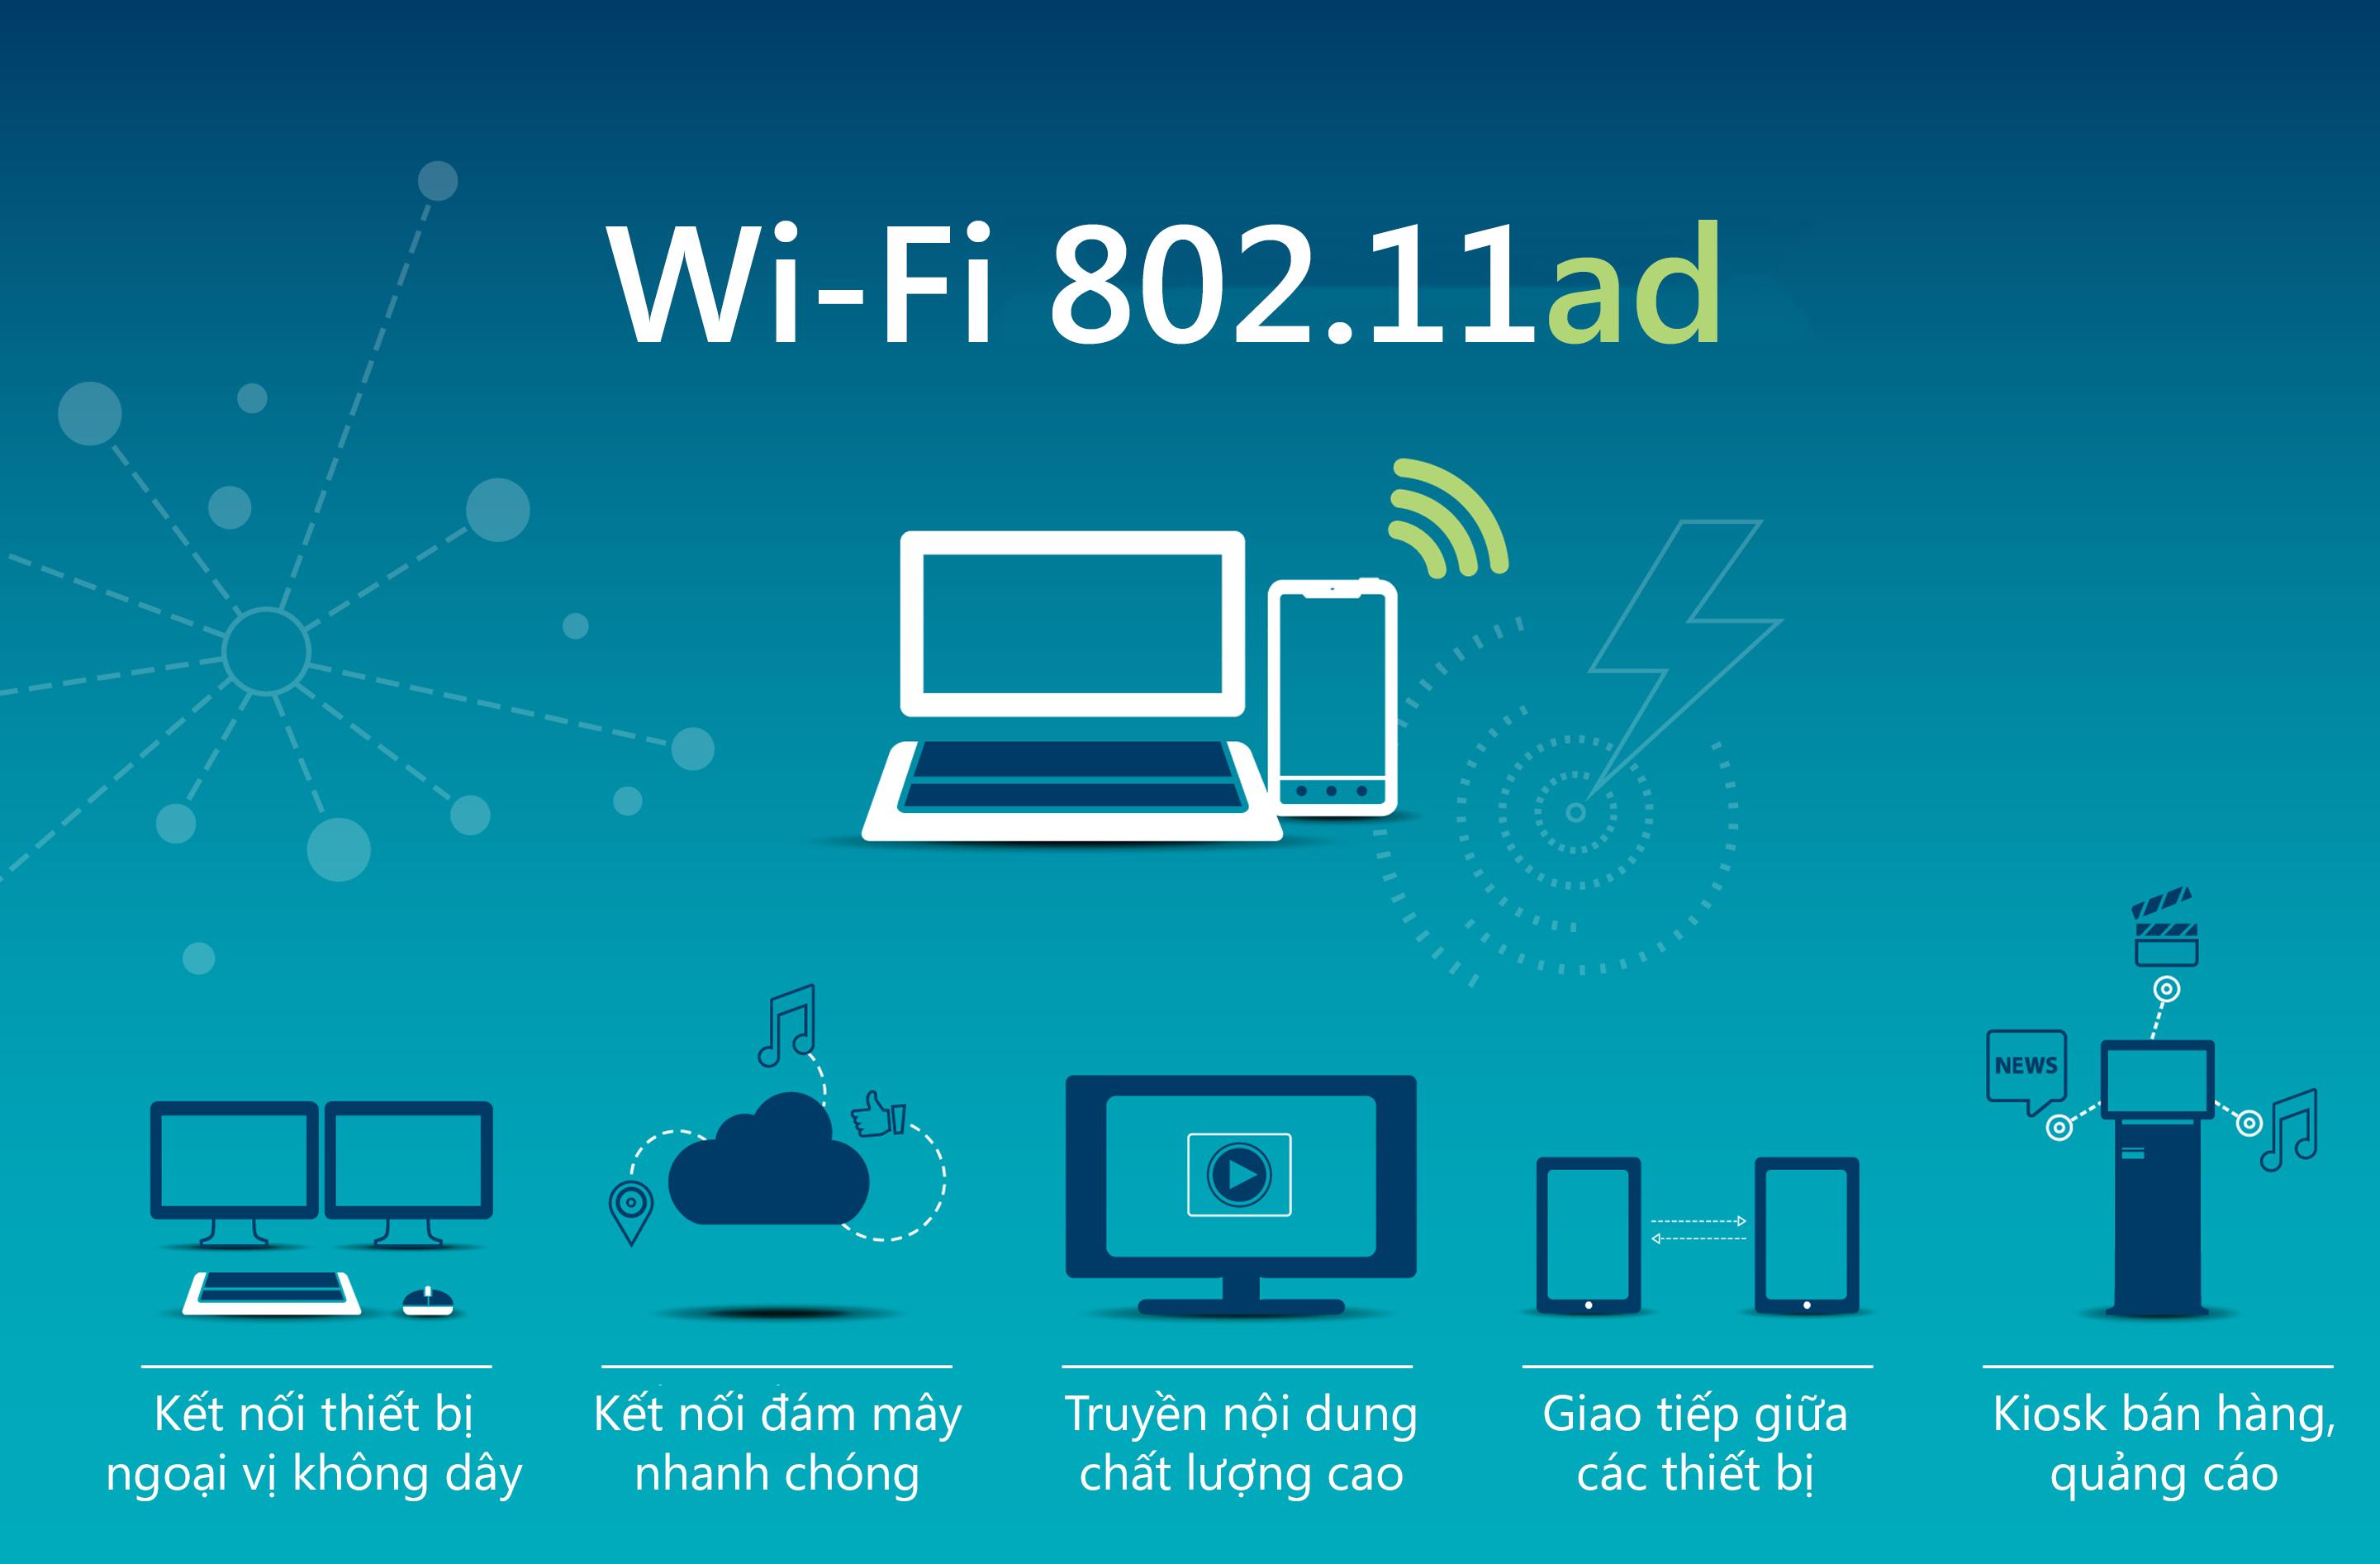 Wi-Fi_ad_WiGig.jpg